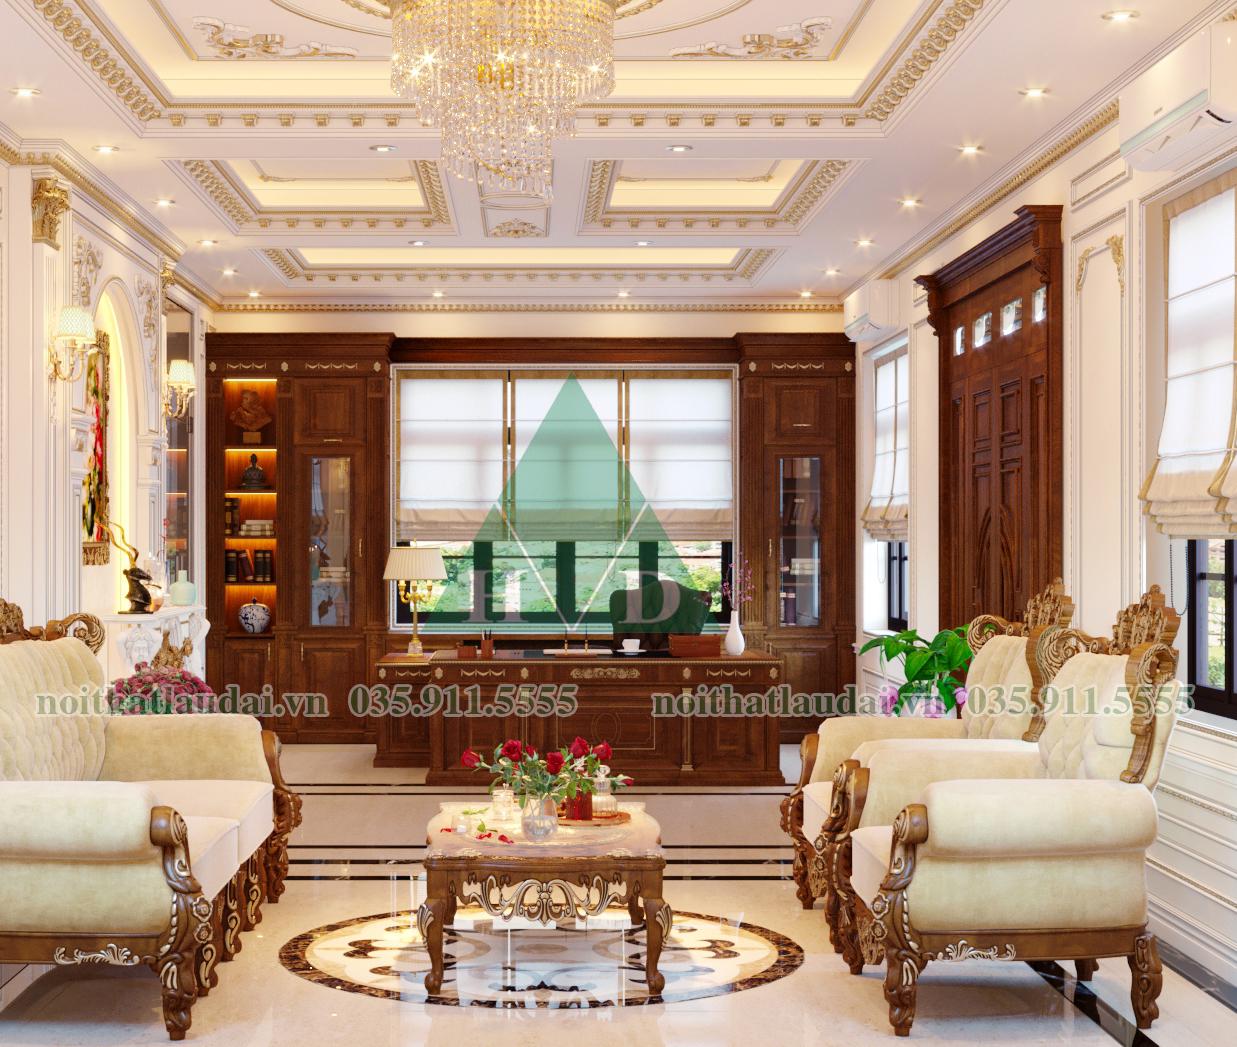 Thiết kế nội thất phòng khách biệt thự 02